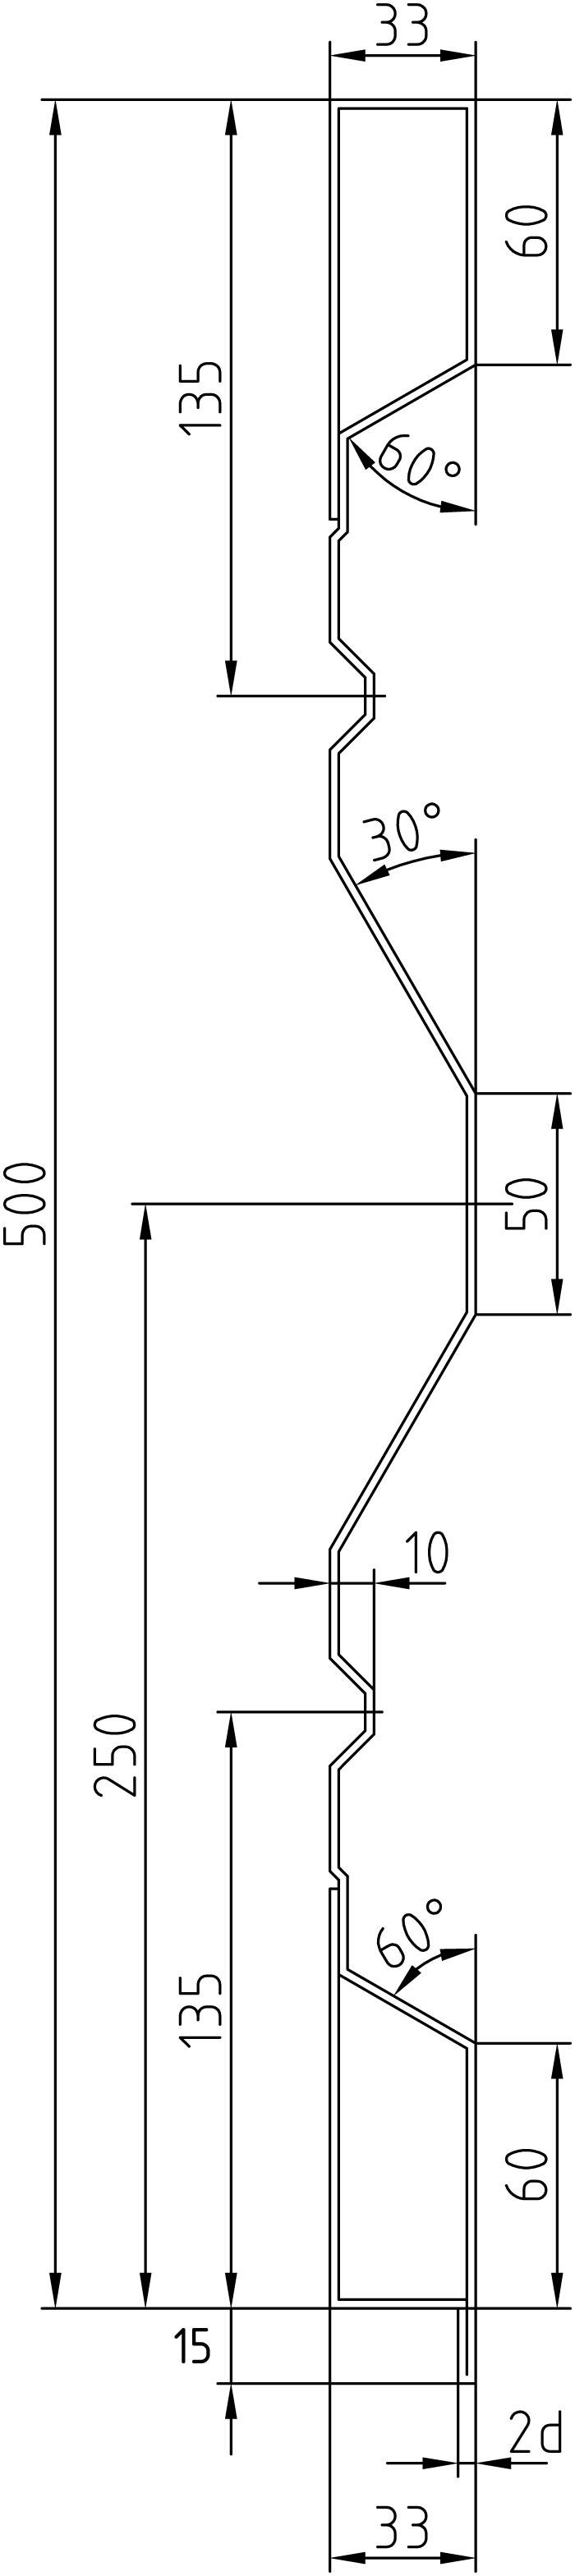 Brantner Kipper und Anhänger - 500x2x2375 Rück BW samt EL ohne Schuber